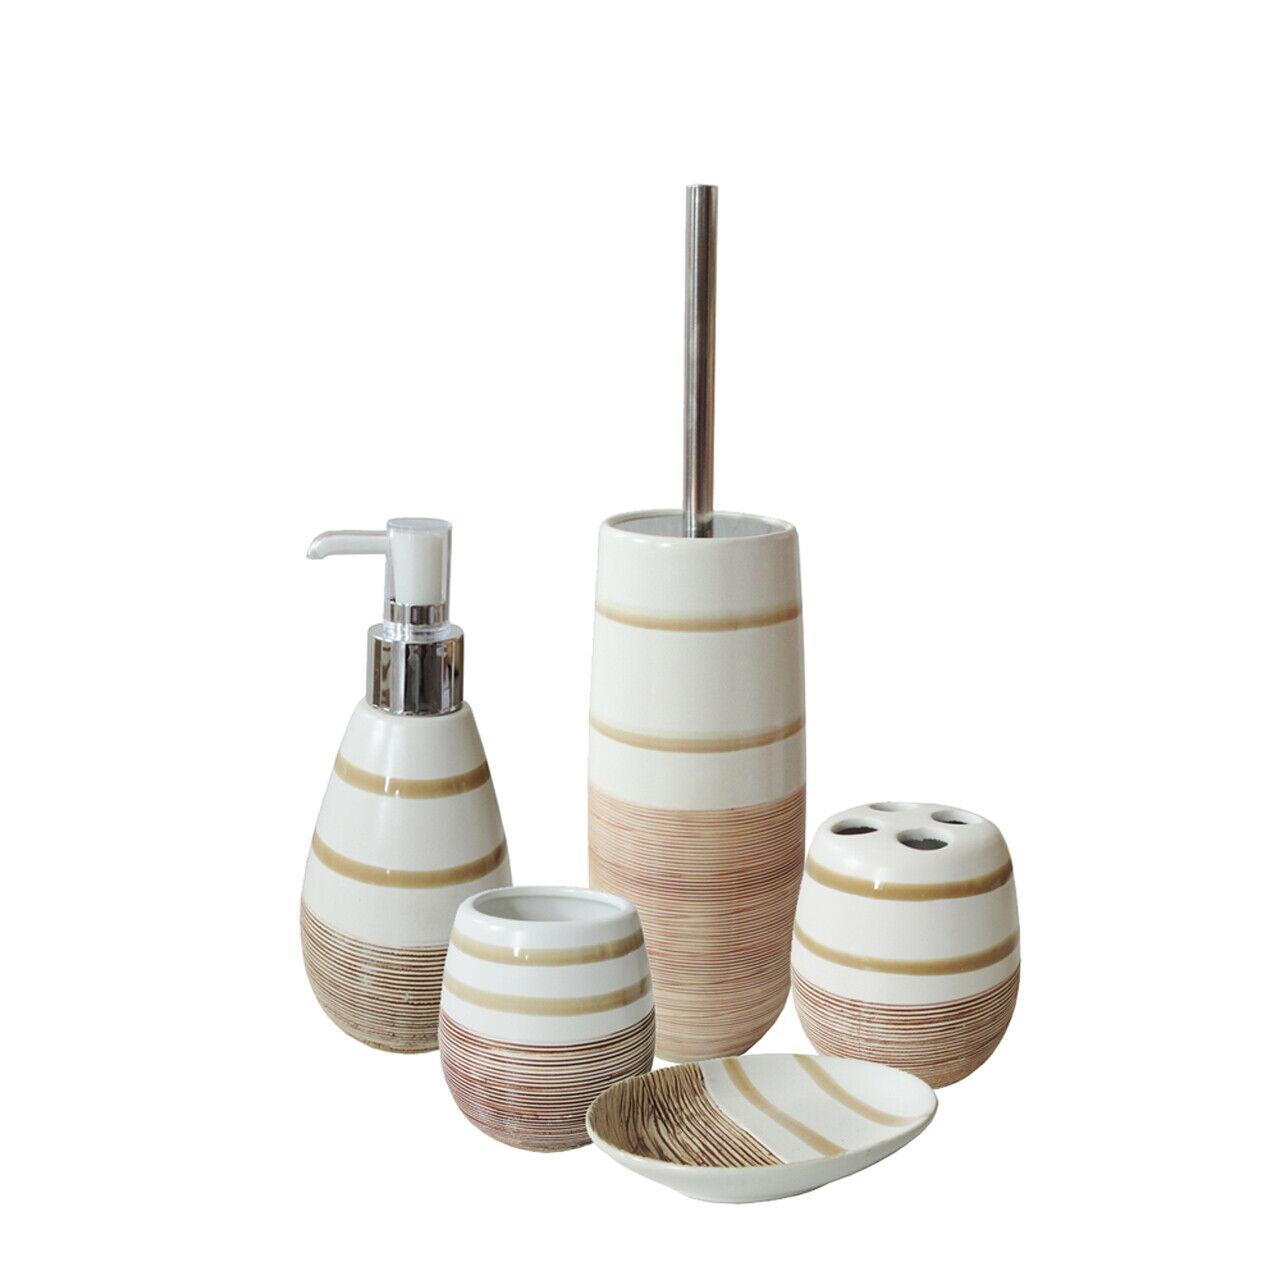 Beige Badset OPAL Seifenspender Becher Klobürste Seifenschale Zahnbürstenhalter